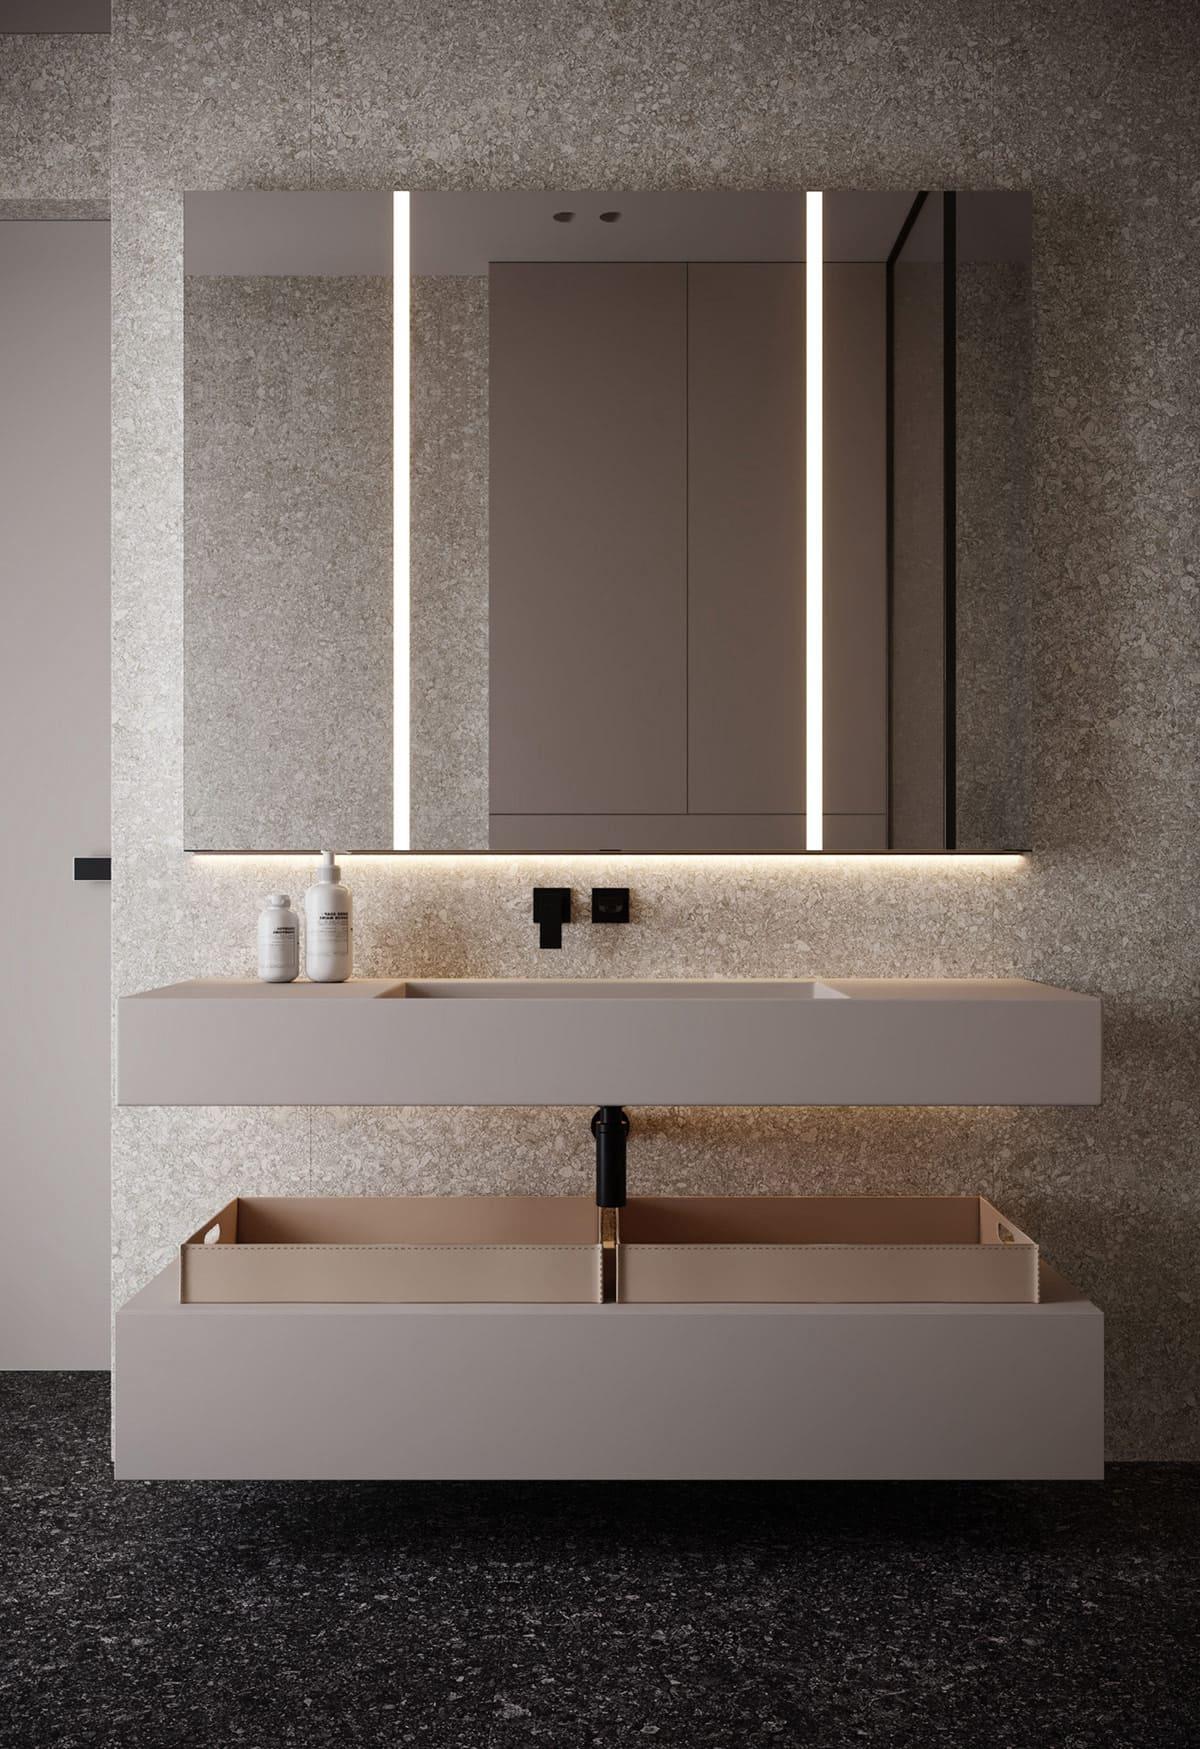 design d'intérieur d'un appartement à la mode photo 9